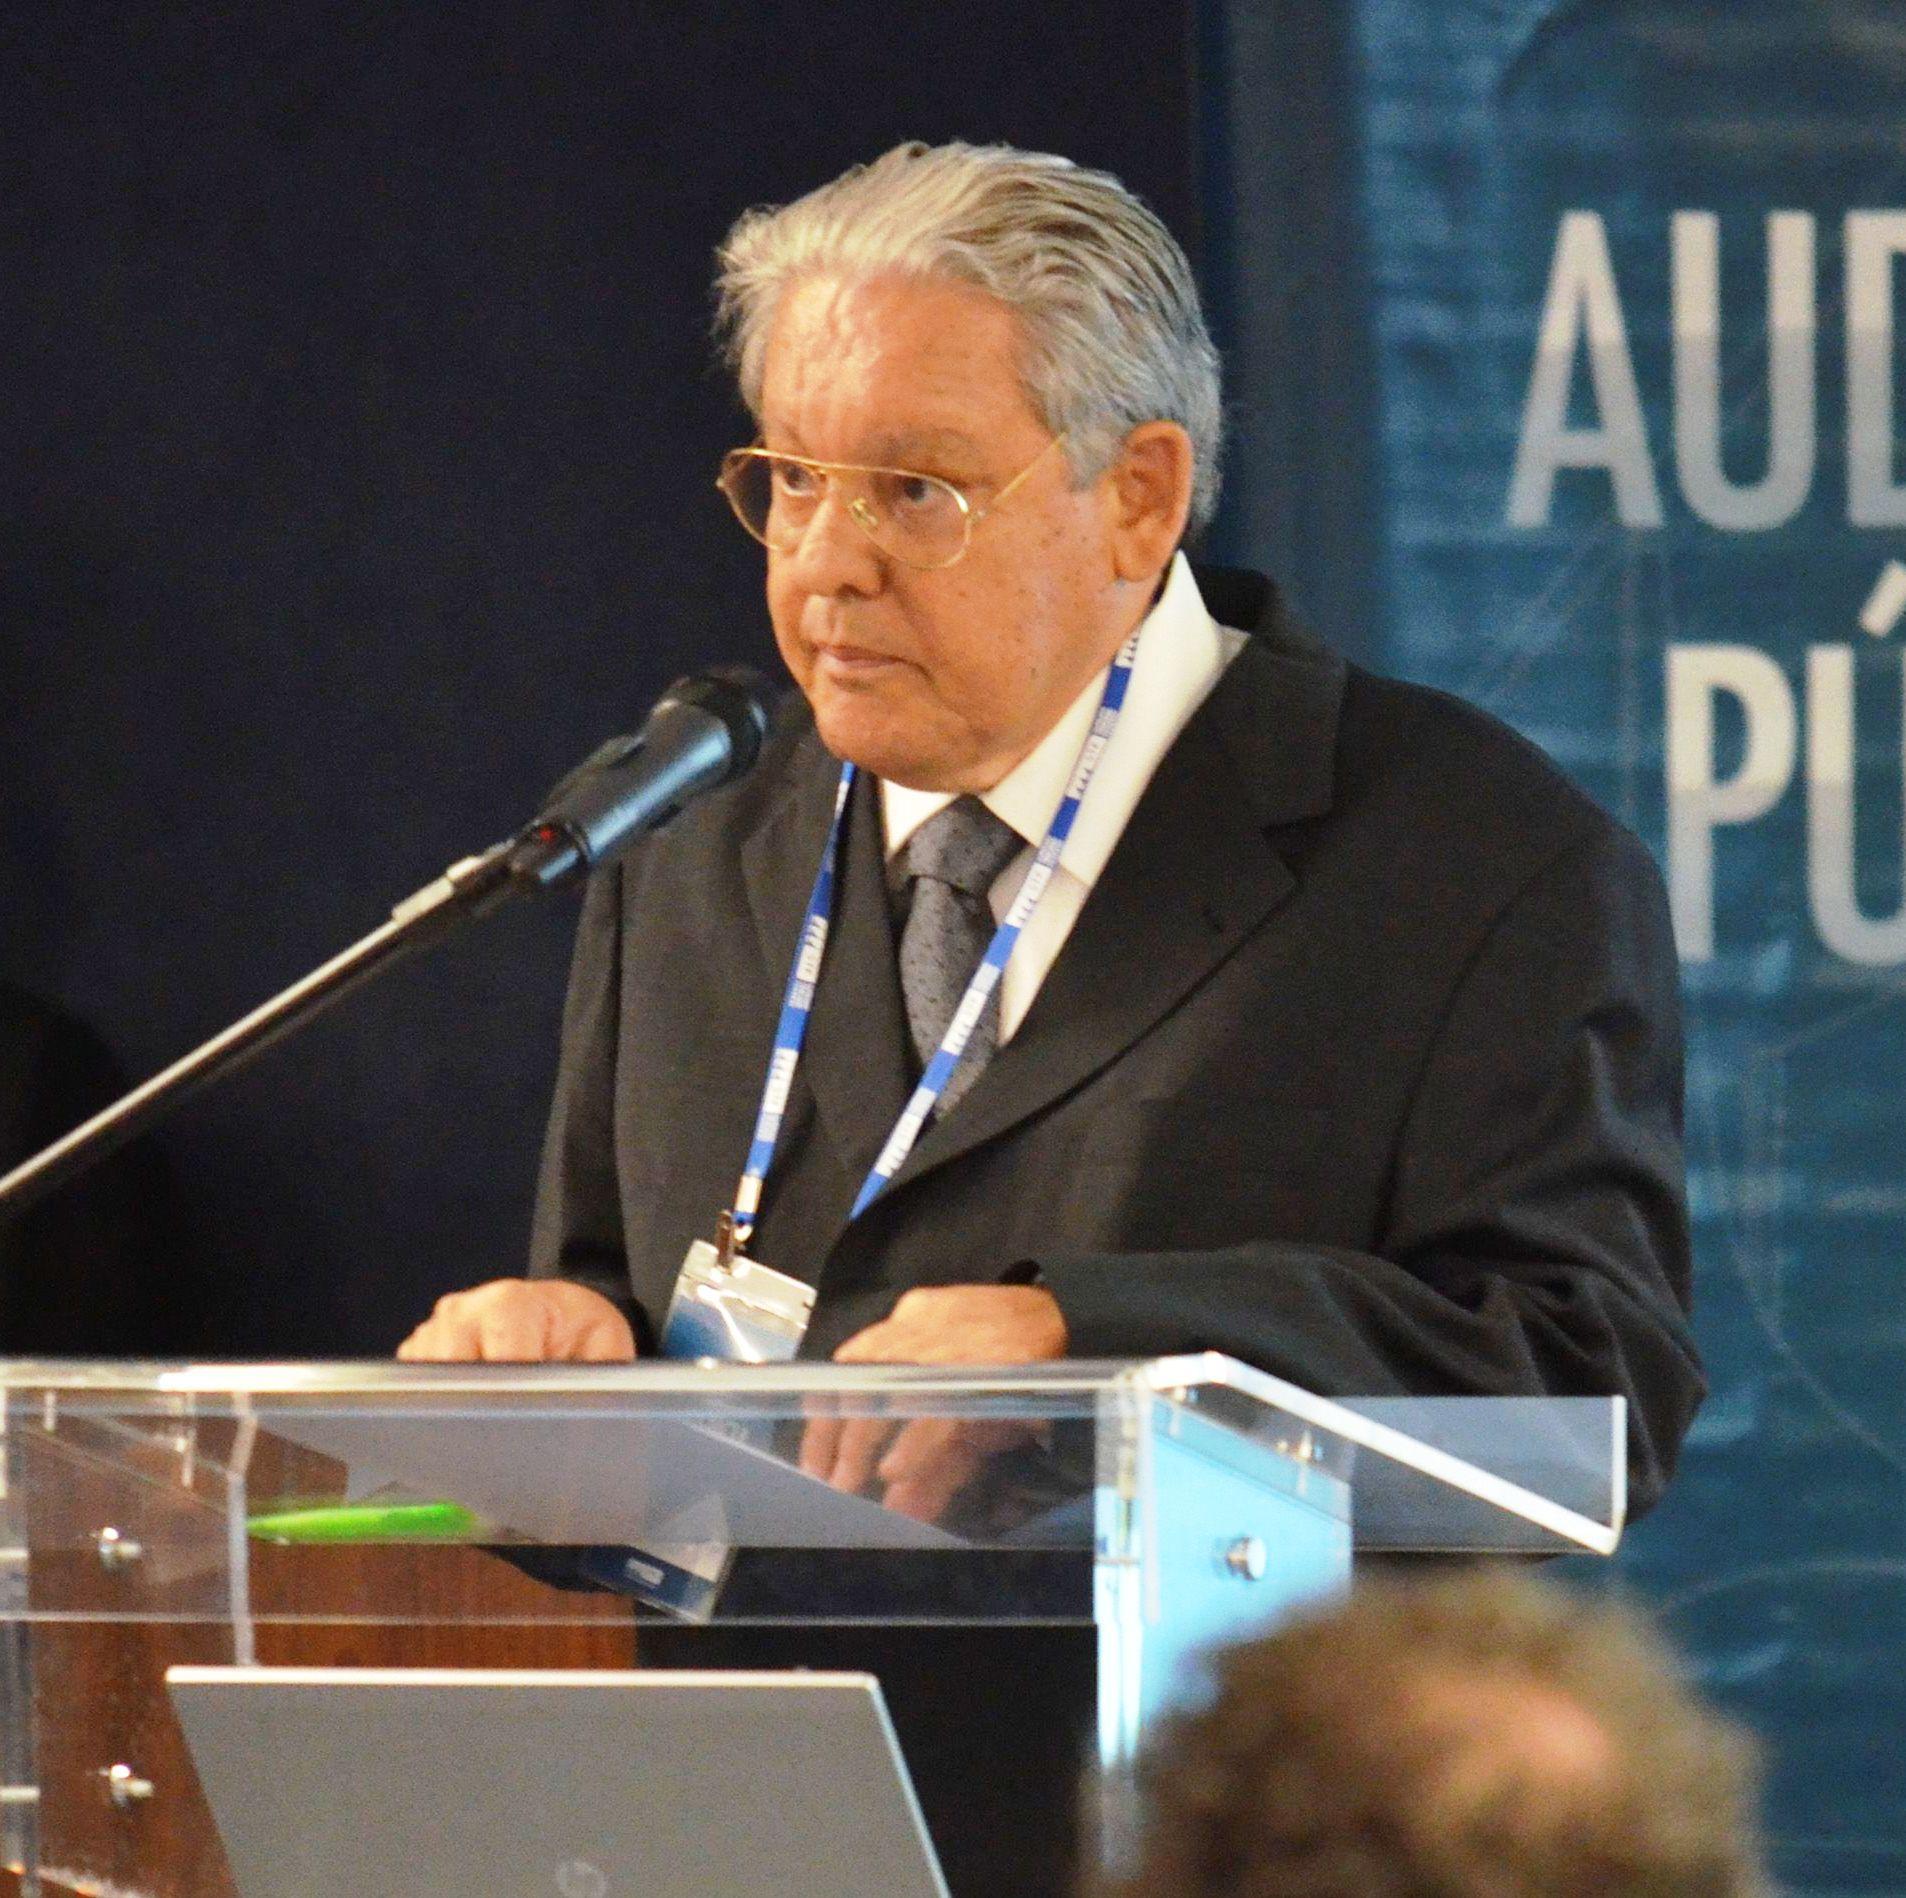 El poeta y escritor Fernando Brant participa de la audiencia pública sobre los cambios en la Ley de Derechos Autorales, en el STF (en Brasilia).